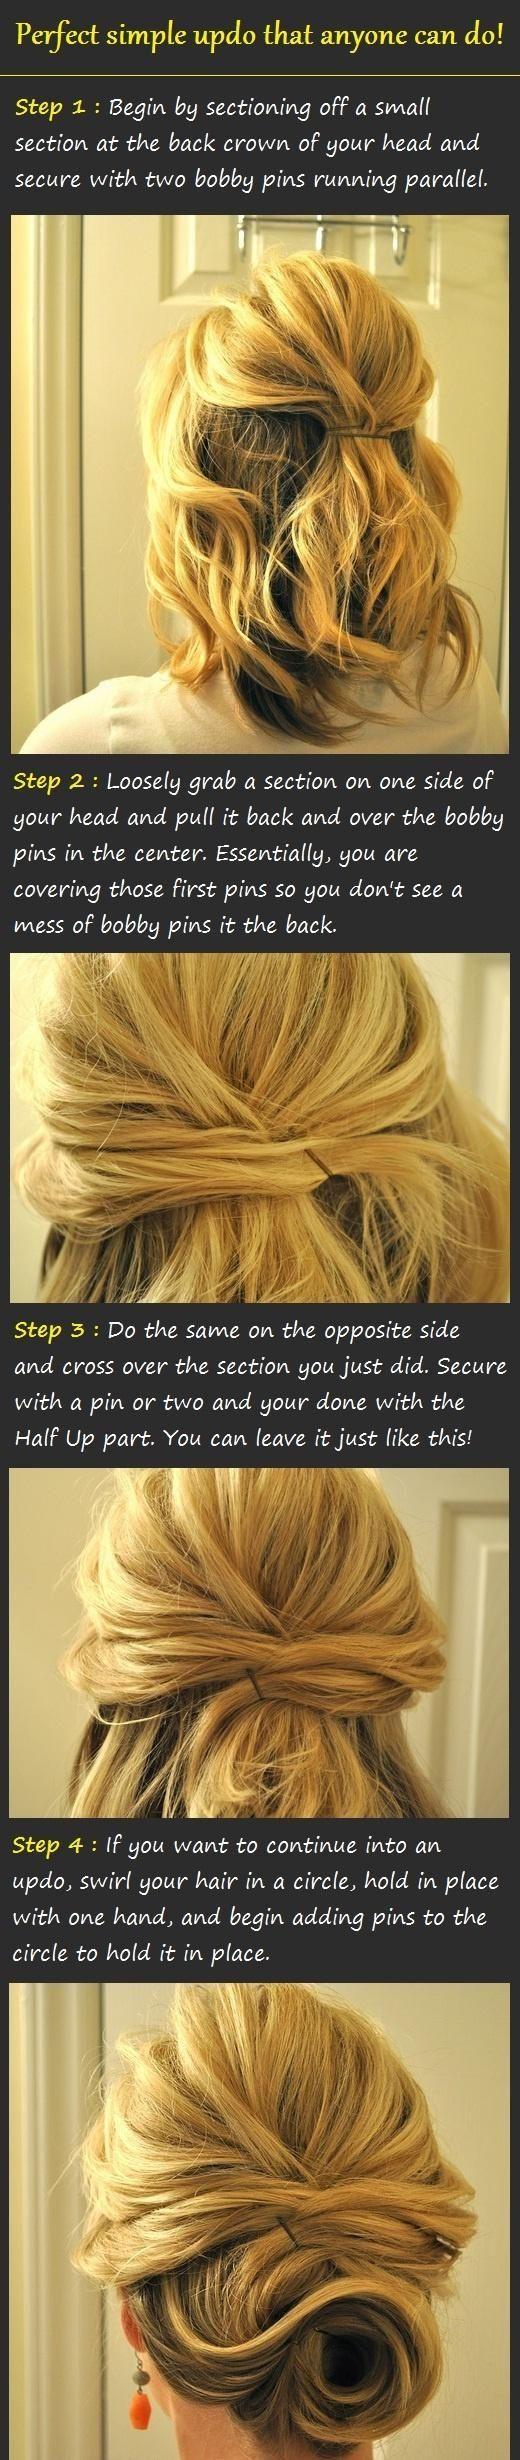 Updo for shoulder length hair?